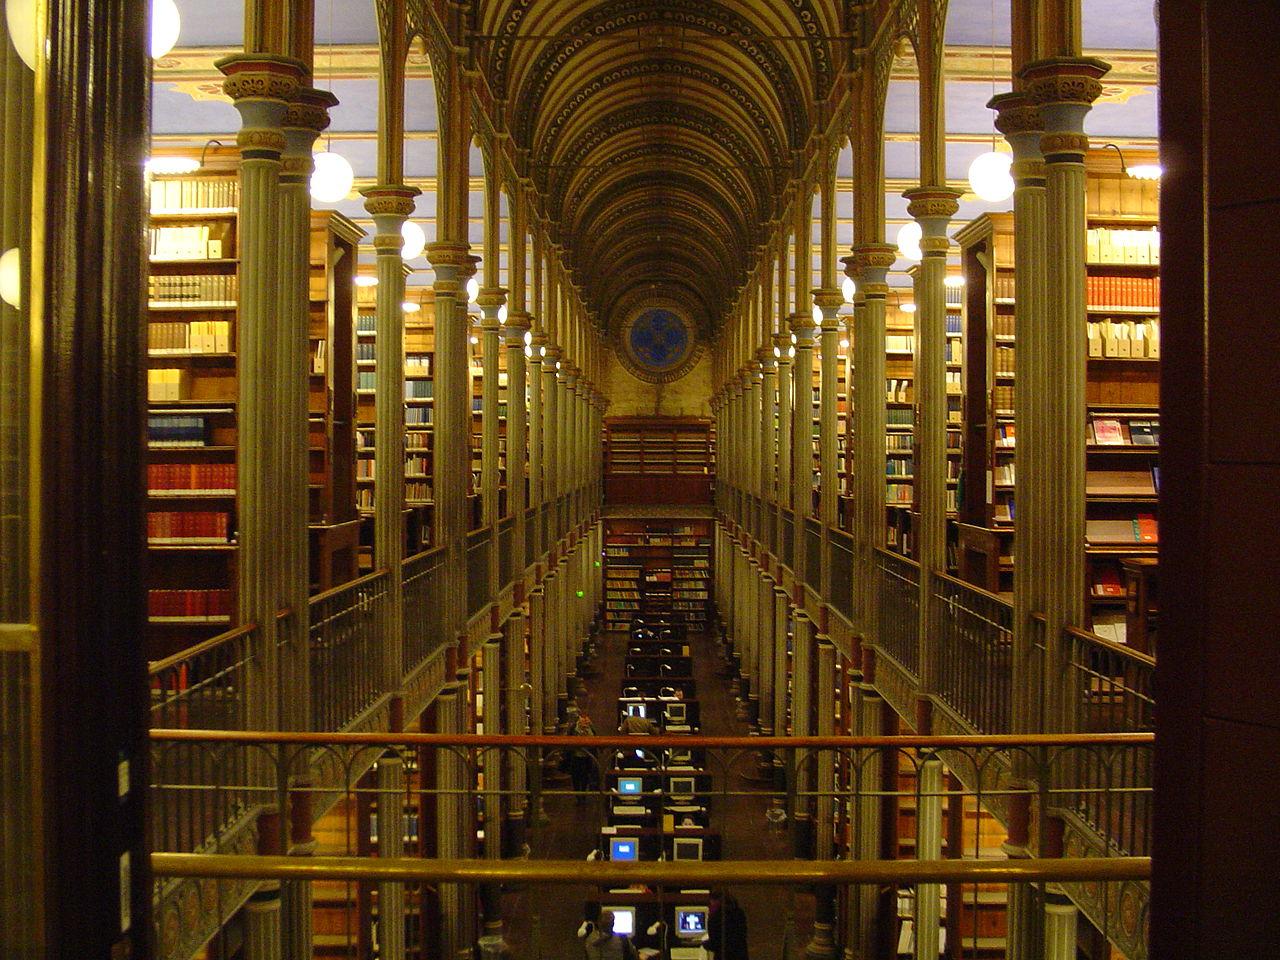 Королевская библиотека дании реферат 9119